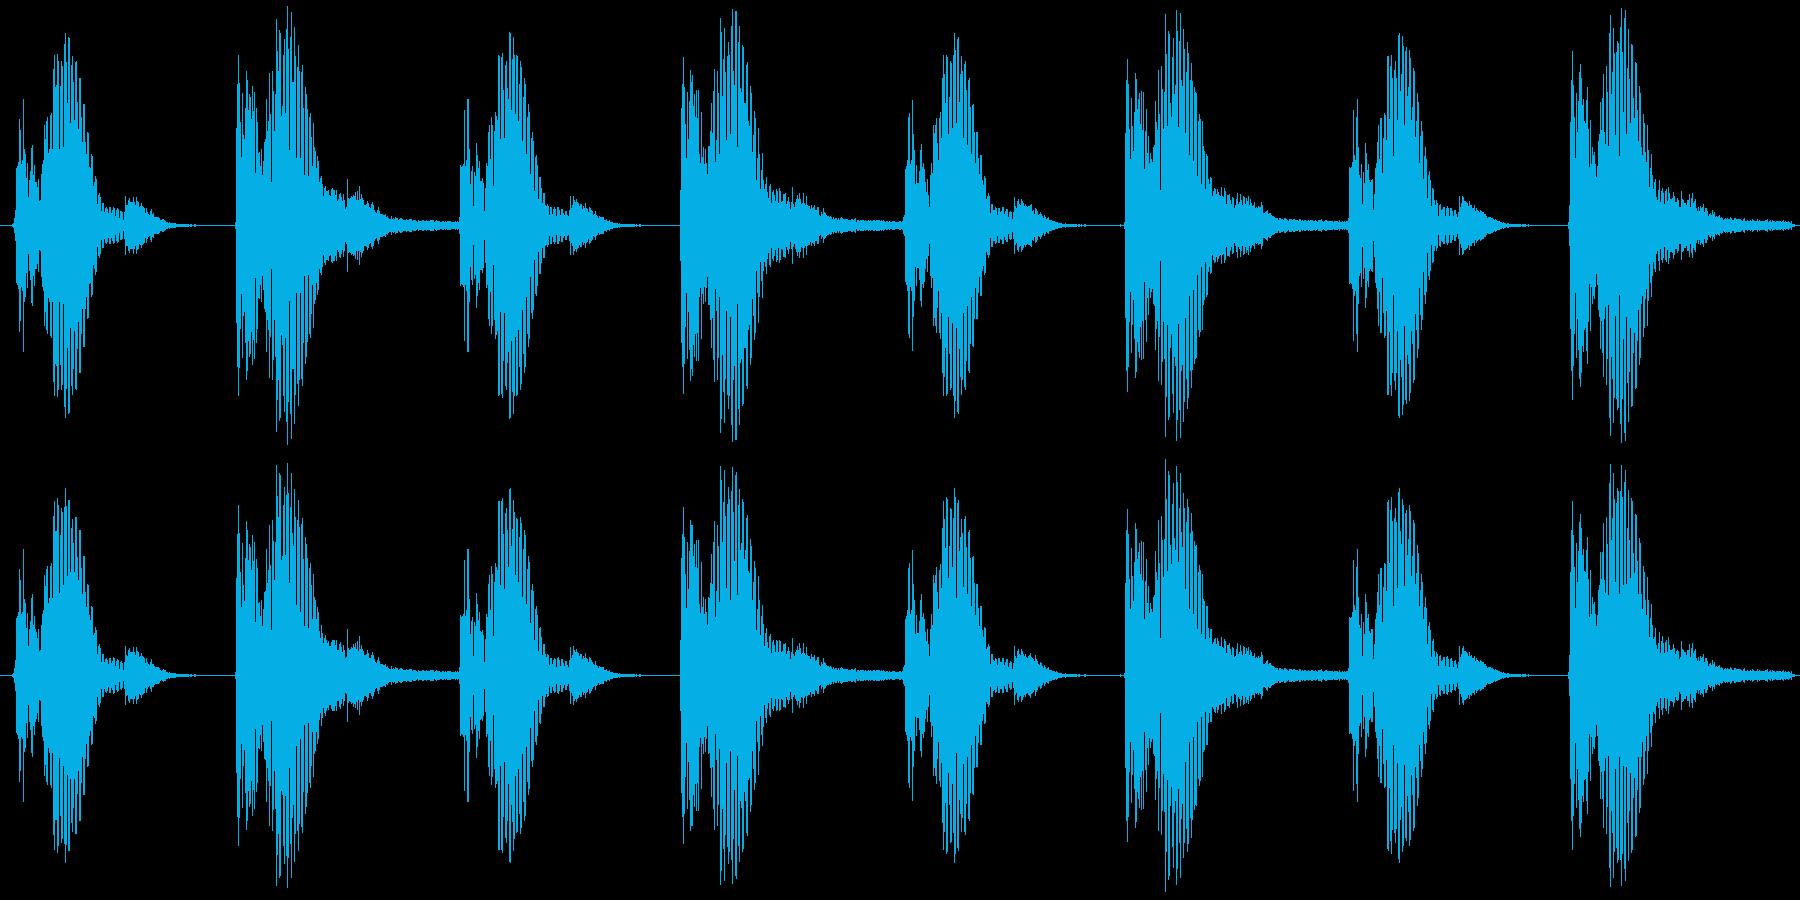 ダンスリズムベーシックパターンの再生済みの波形